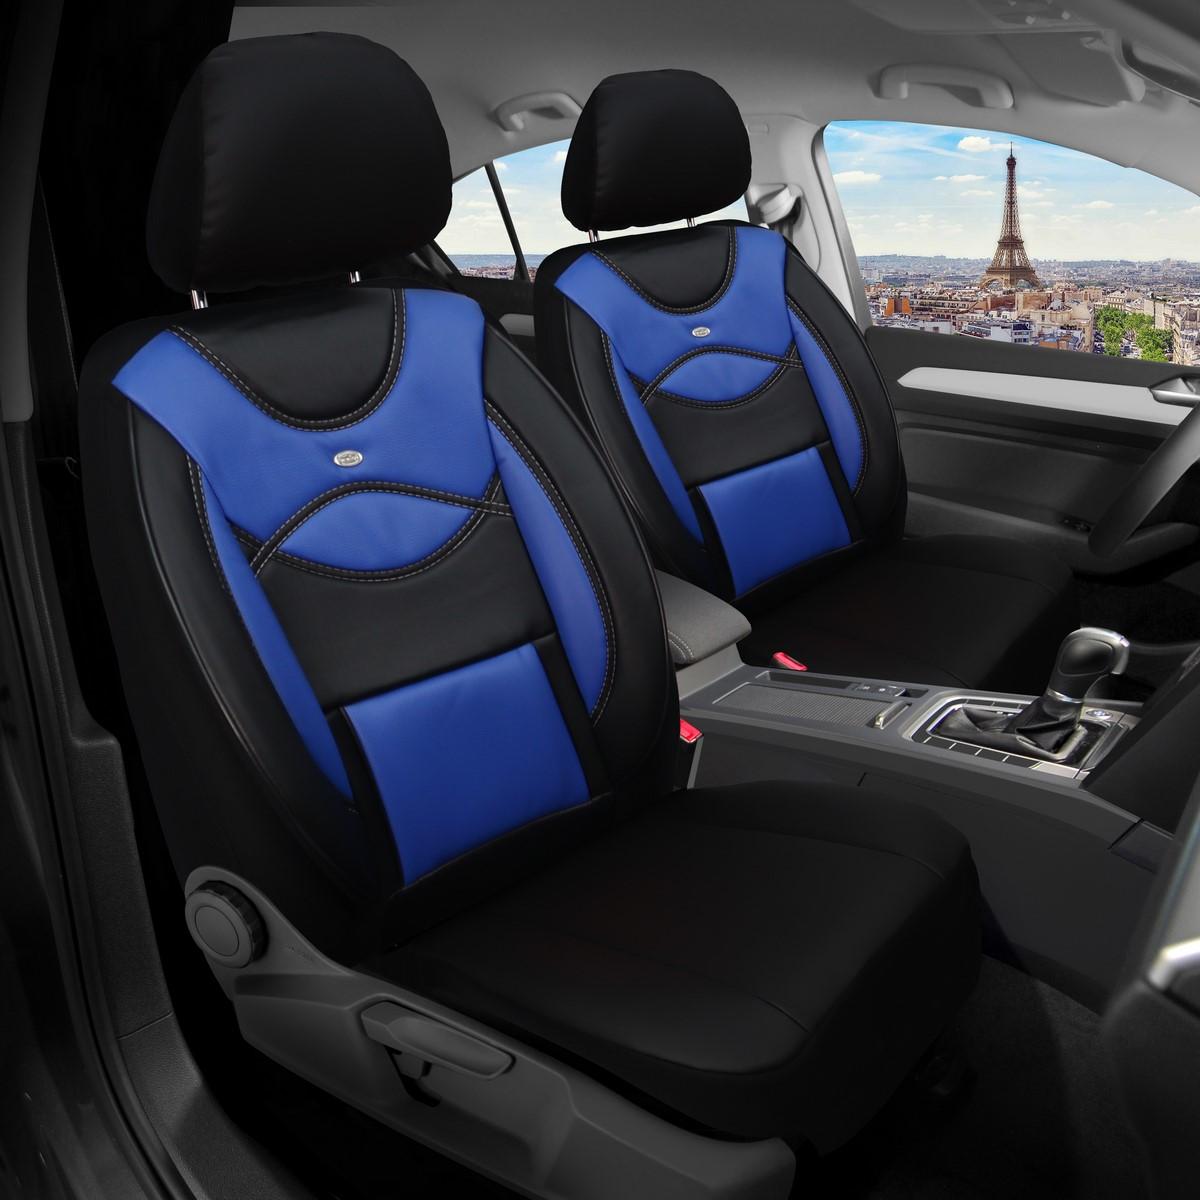 Audi A4 B8 2008-2015 MAß Schonbezüge Sitzbezüge Fahrer /& Beifahrer 902